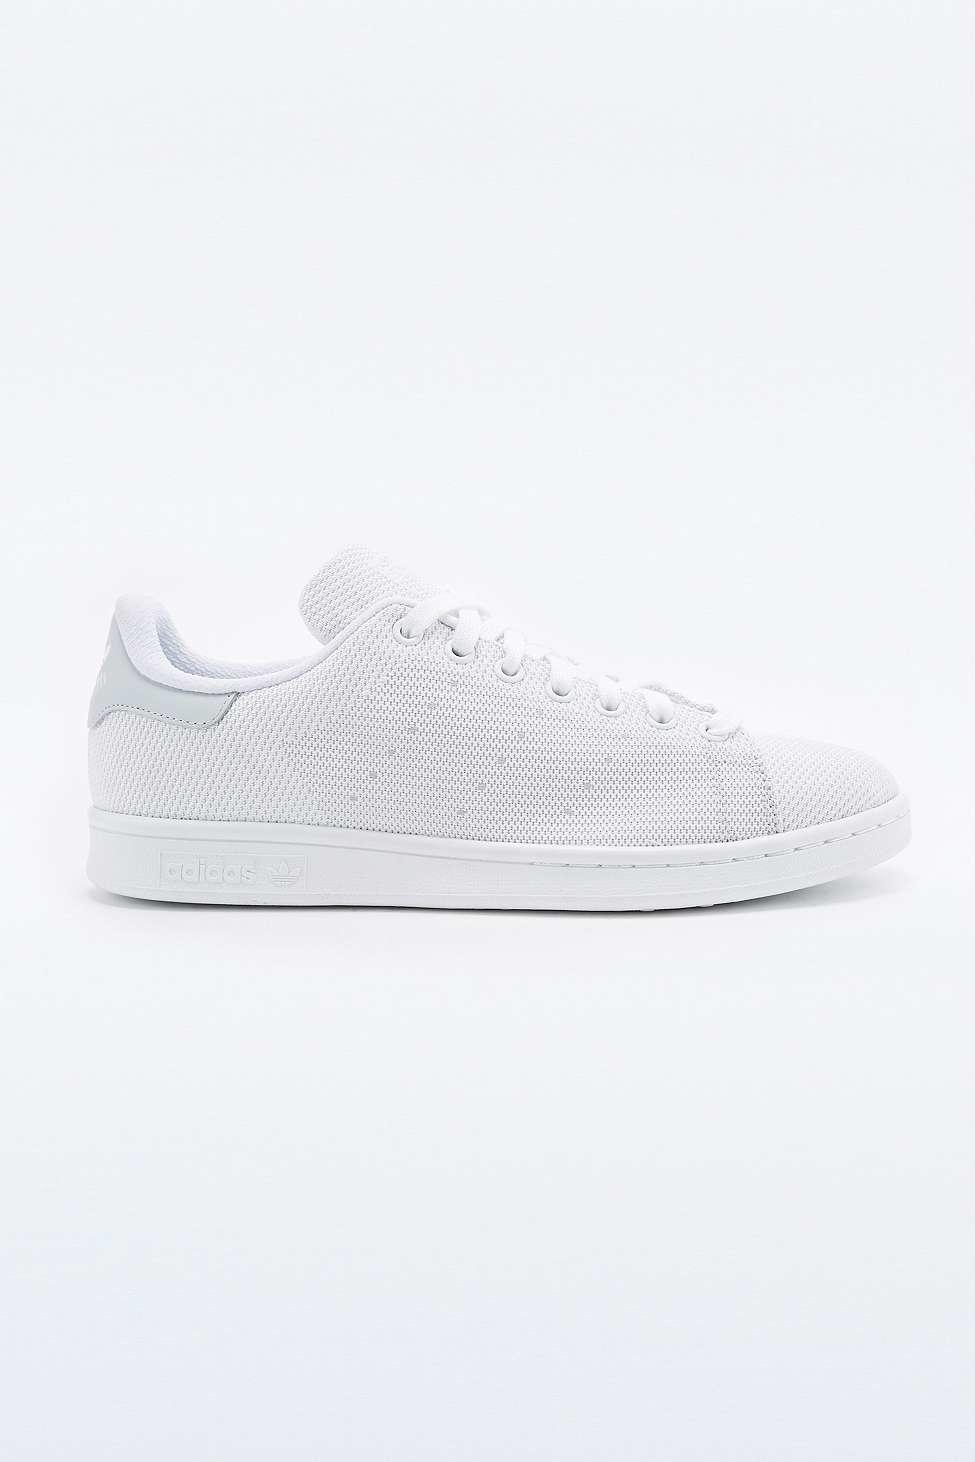 Adidas Stan Smith Weave White Navy